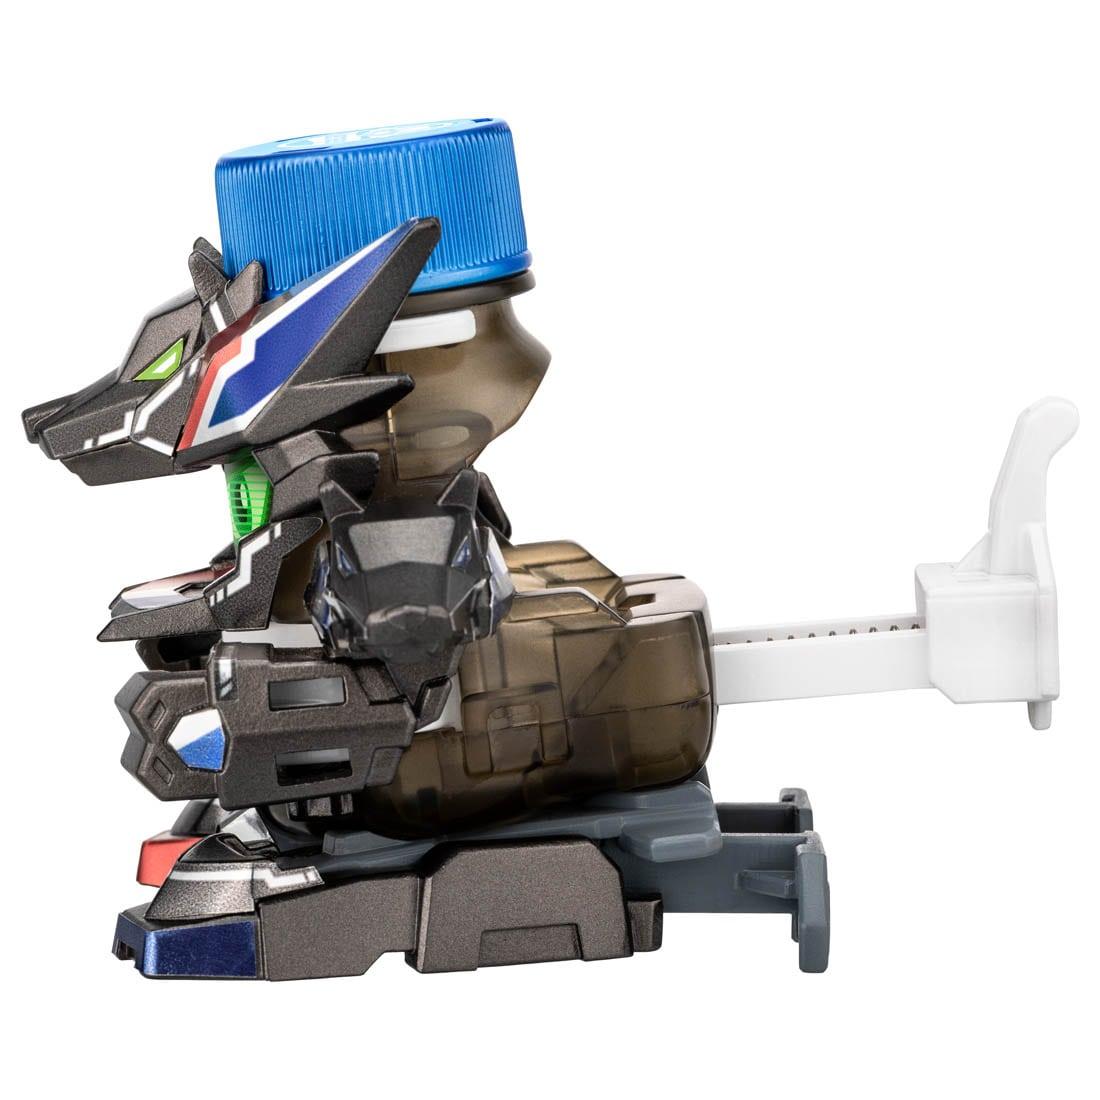 キャップ革命 ボトルマン『BOT-20 ケルペプス』おもちゃ-005